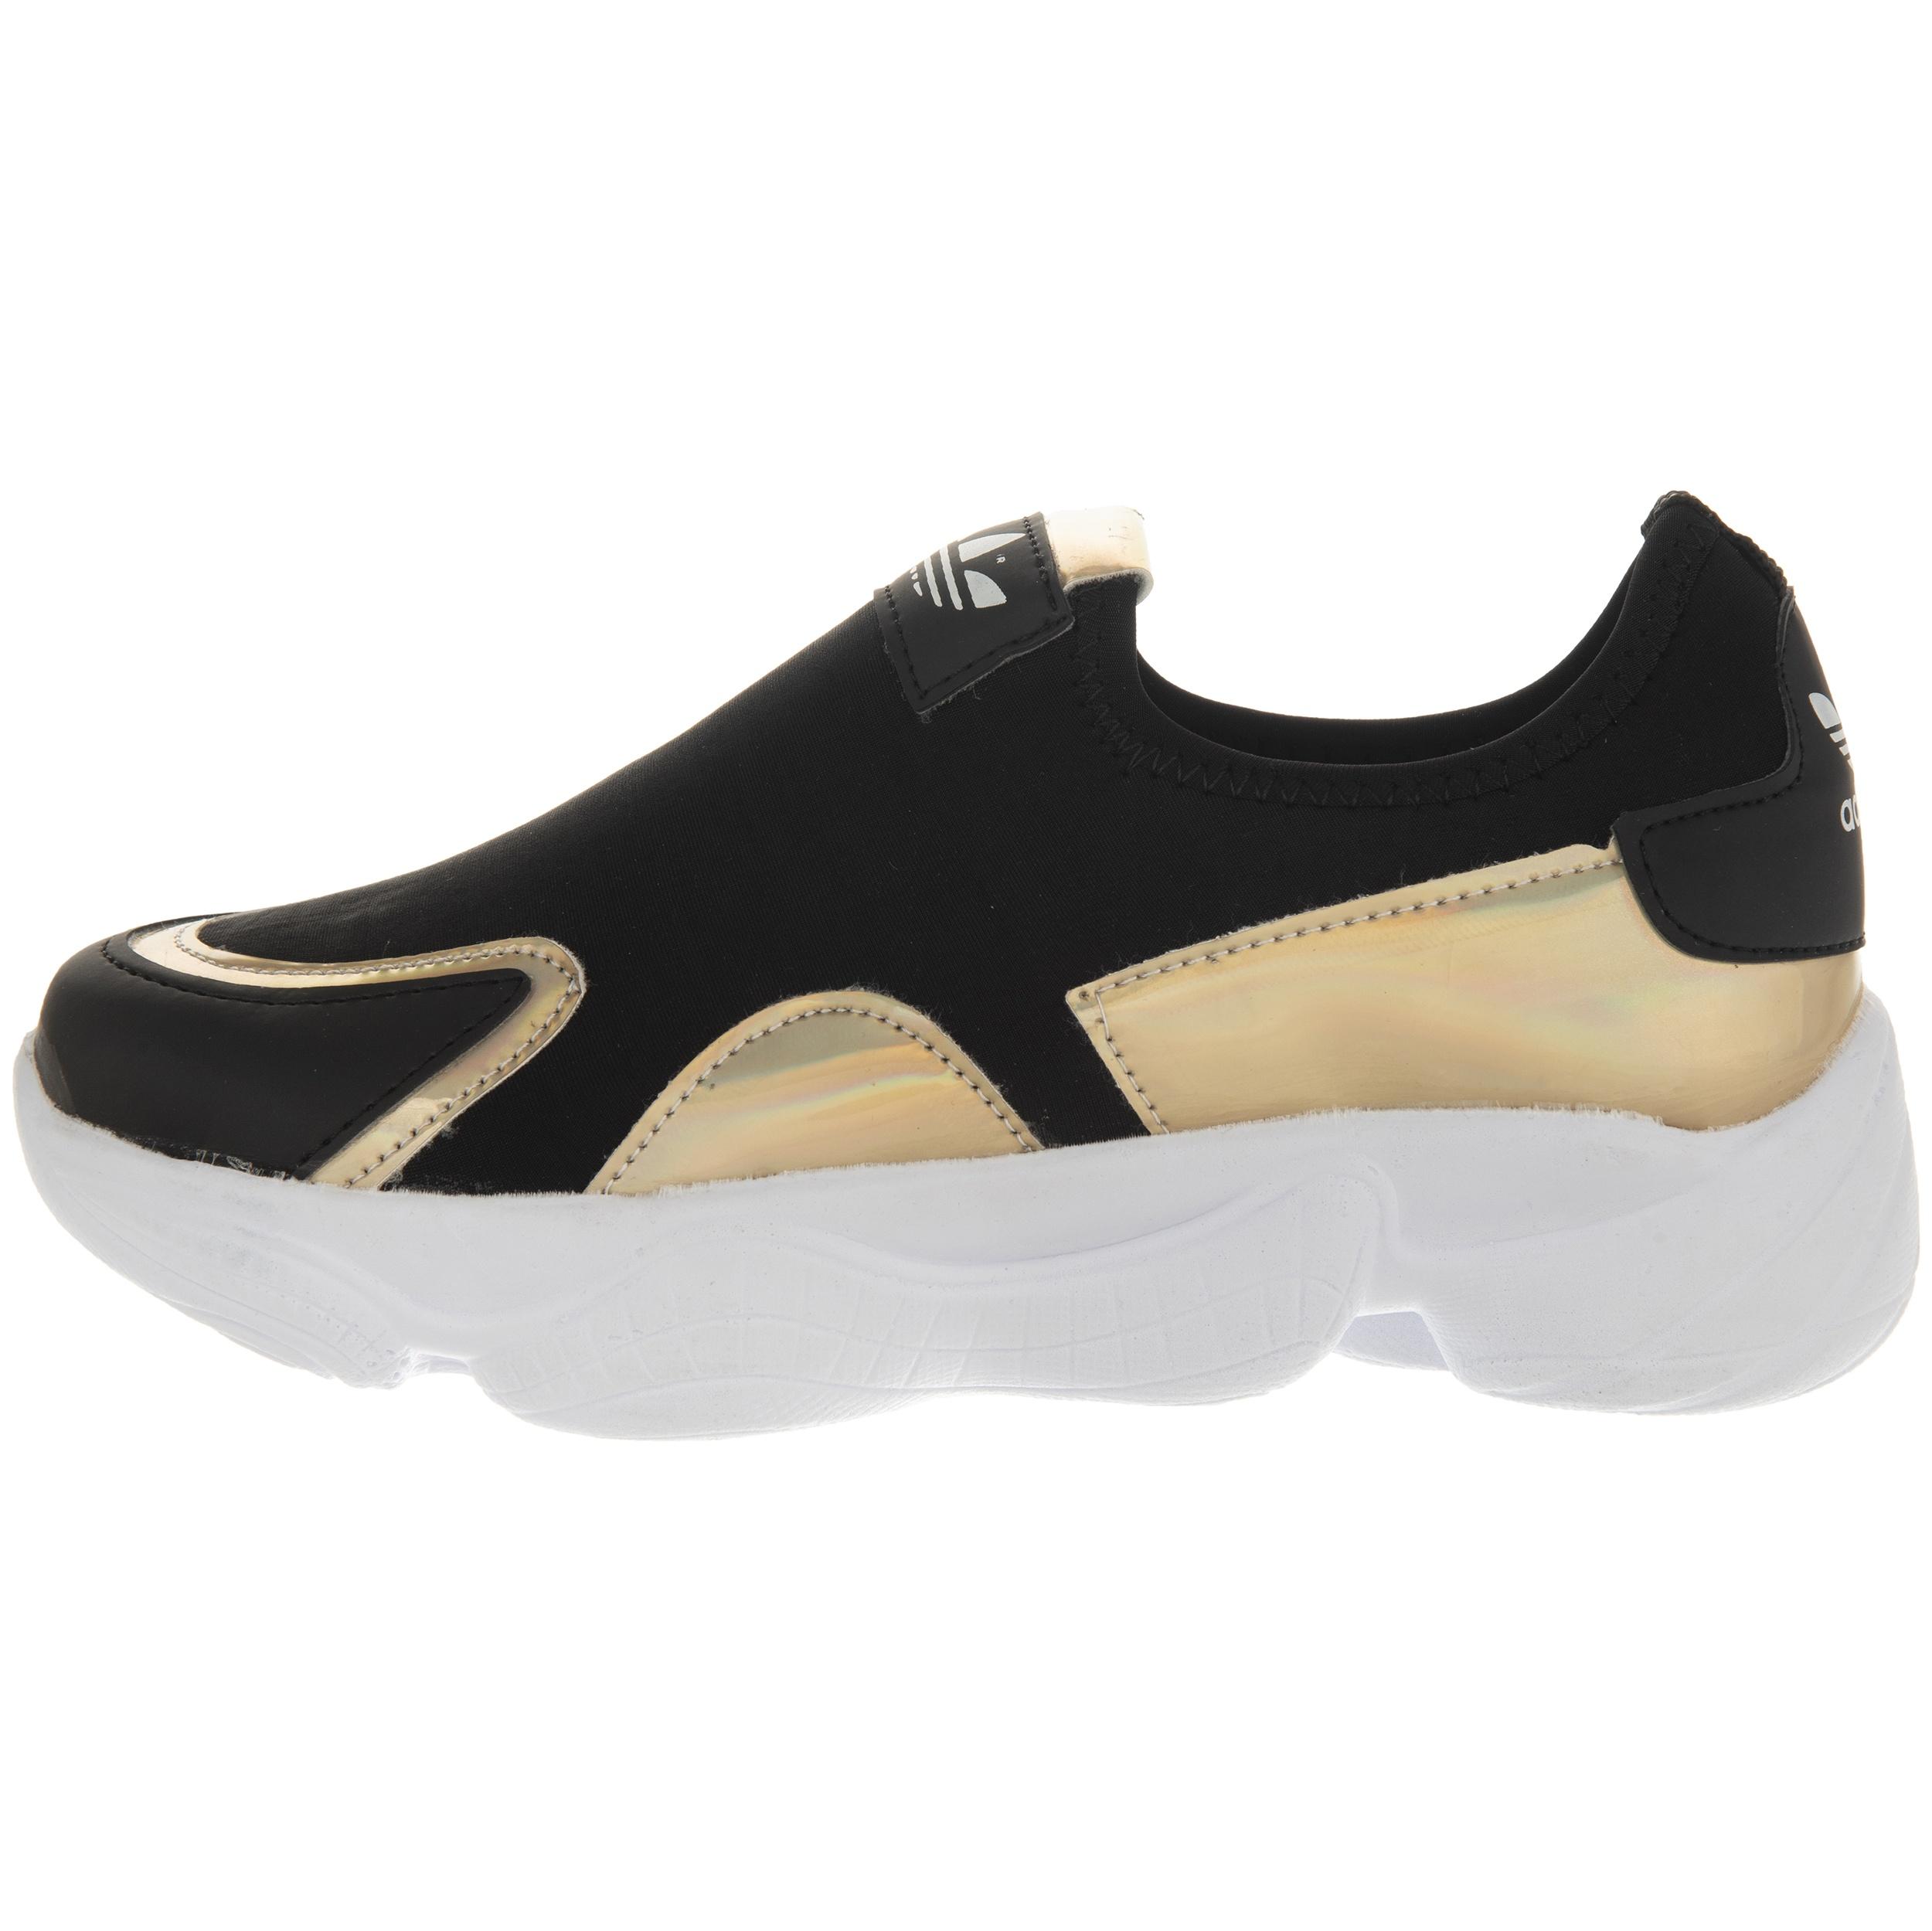 کفش راحتی زنانه مدل Hologram03